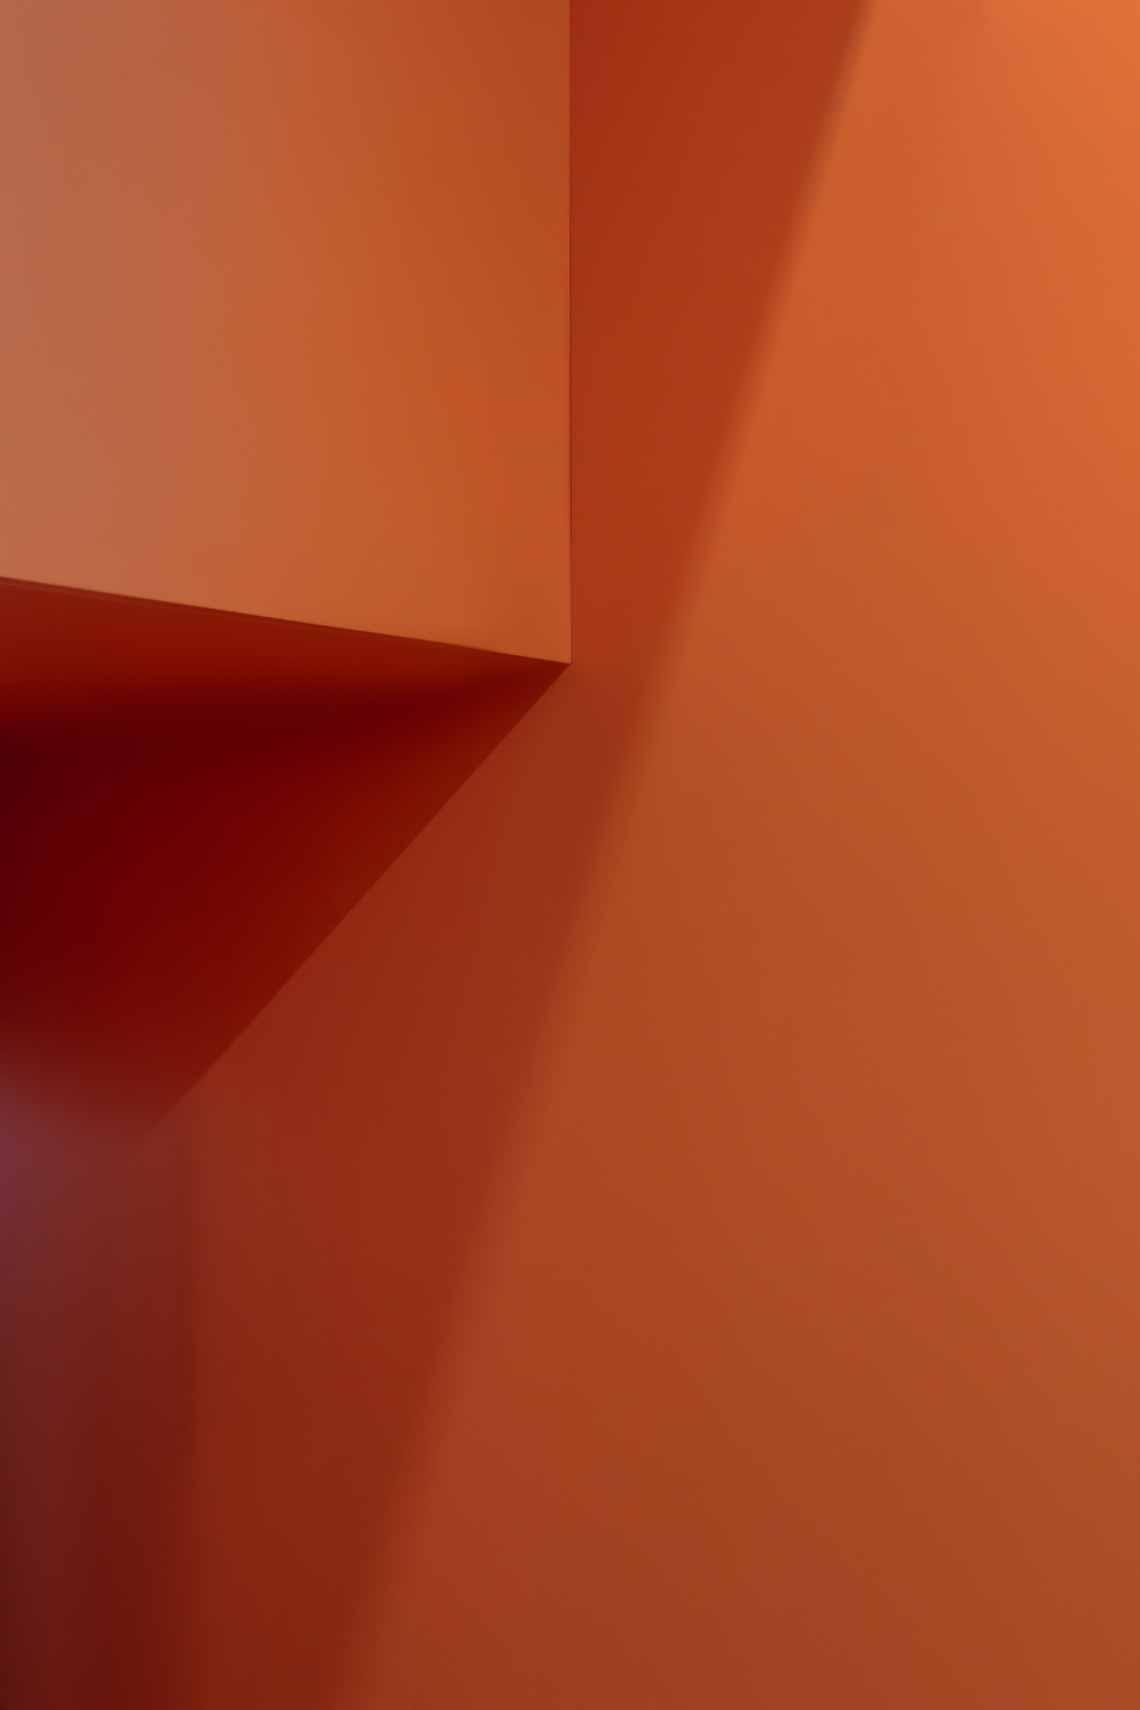 Dự án FG OFF – Một văn phòng không gian hình học màu cam -28